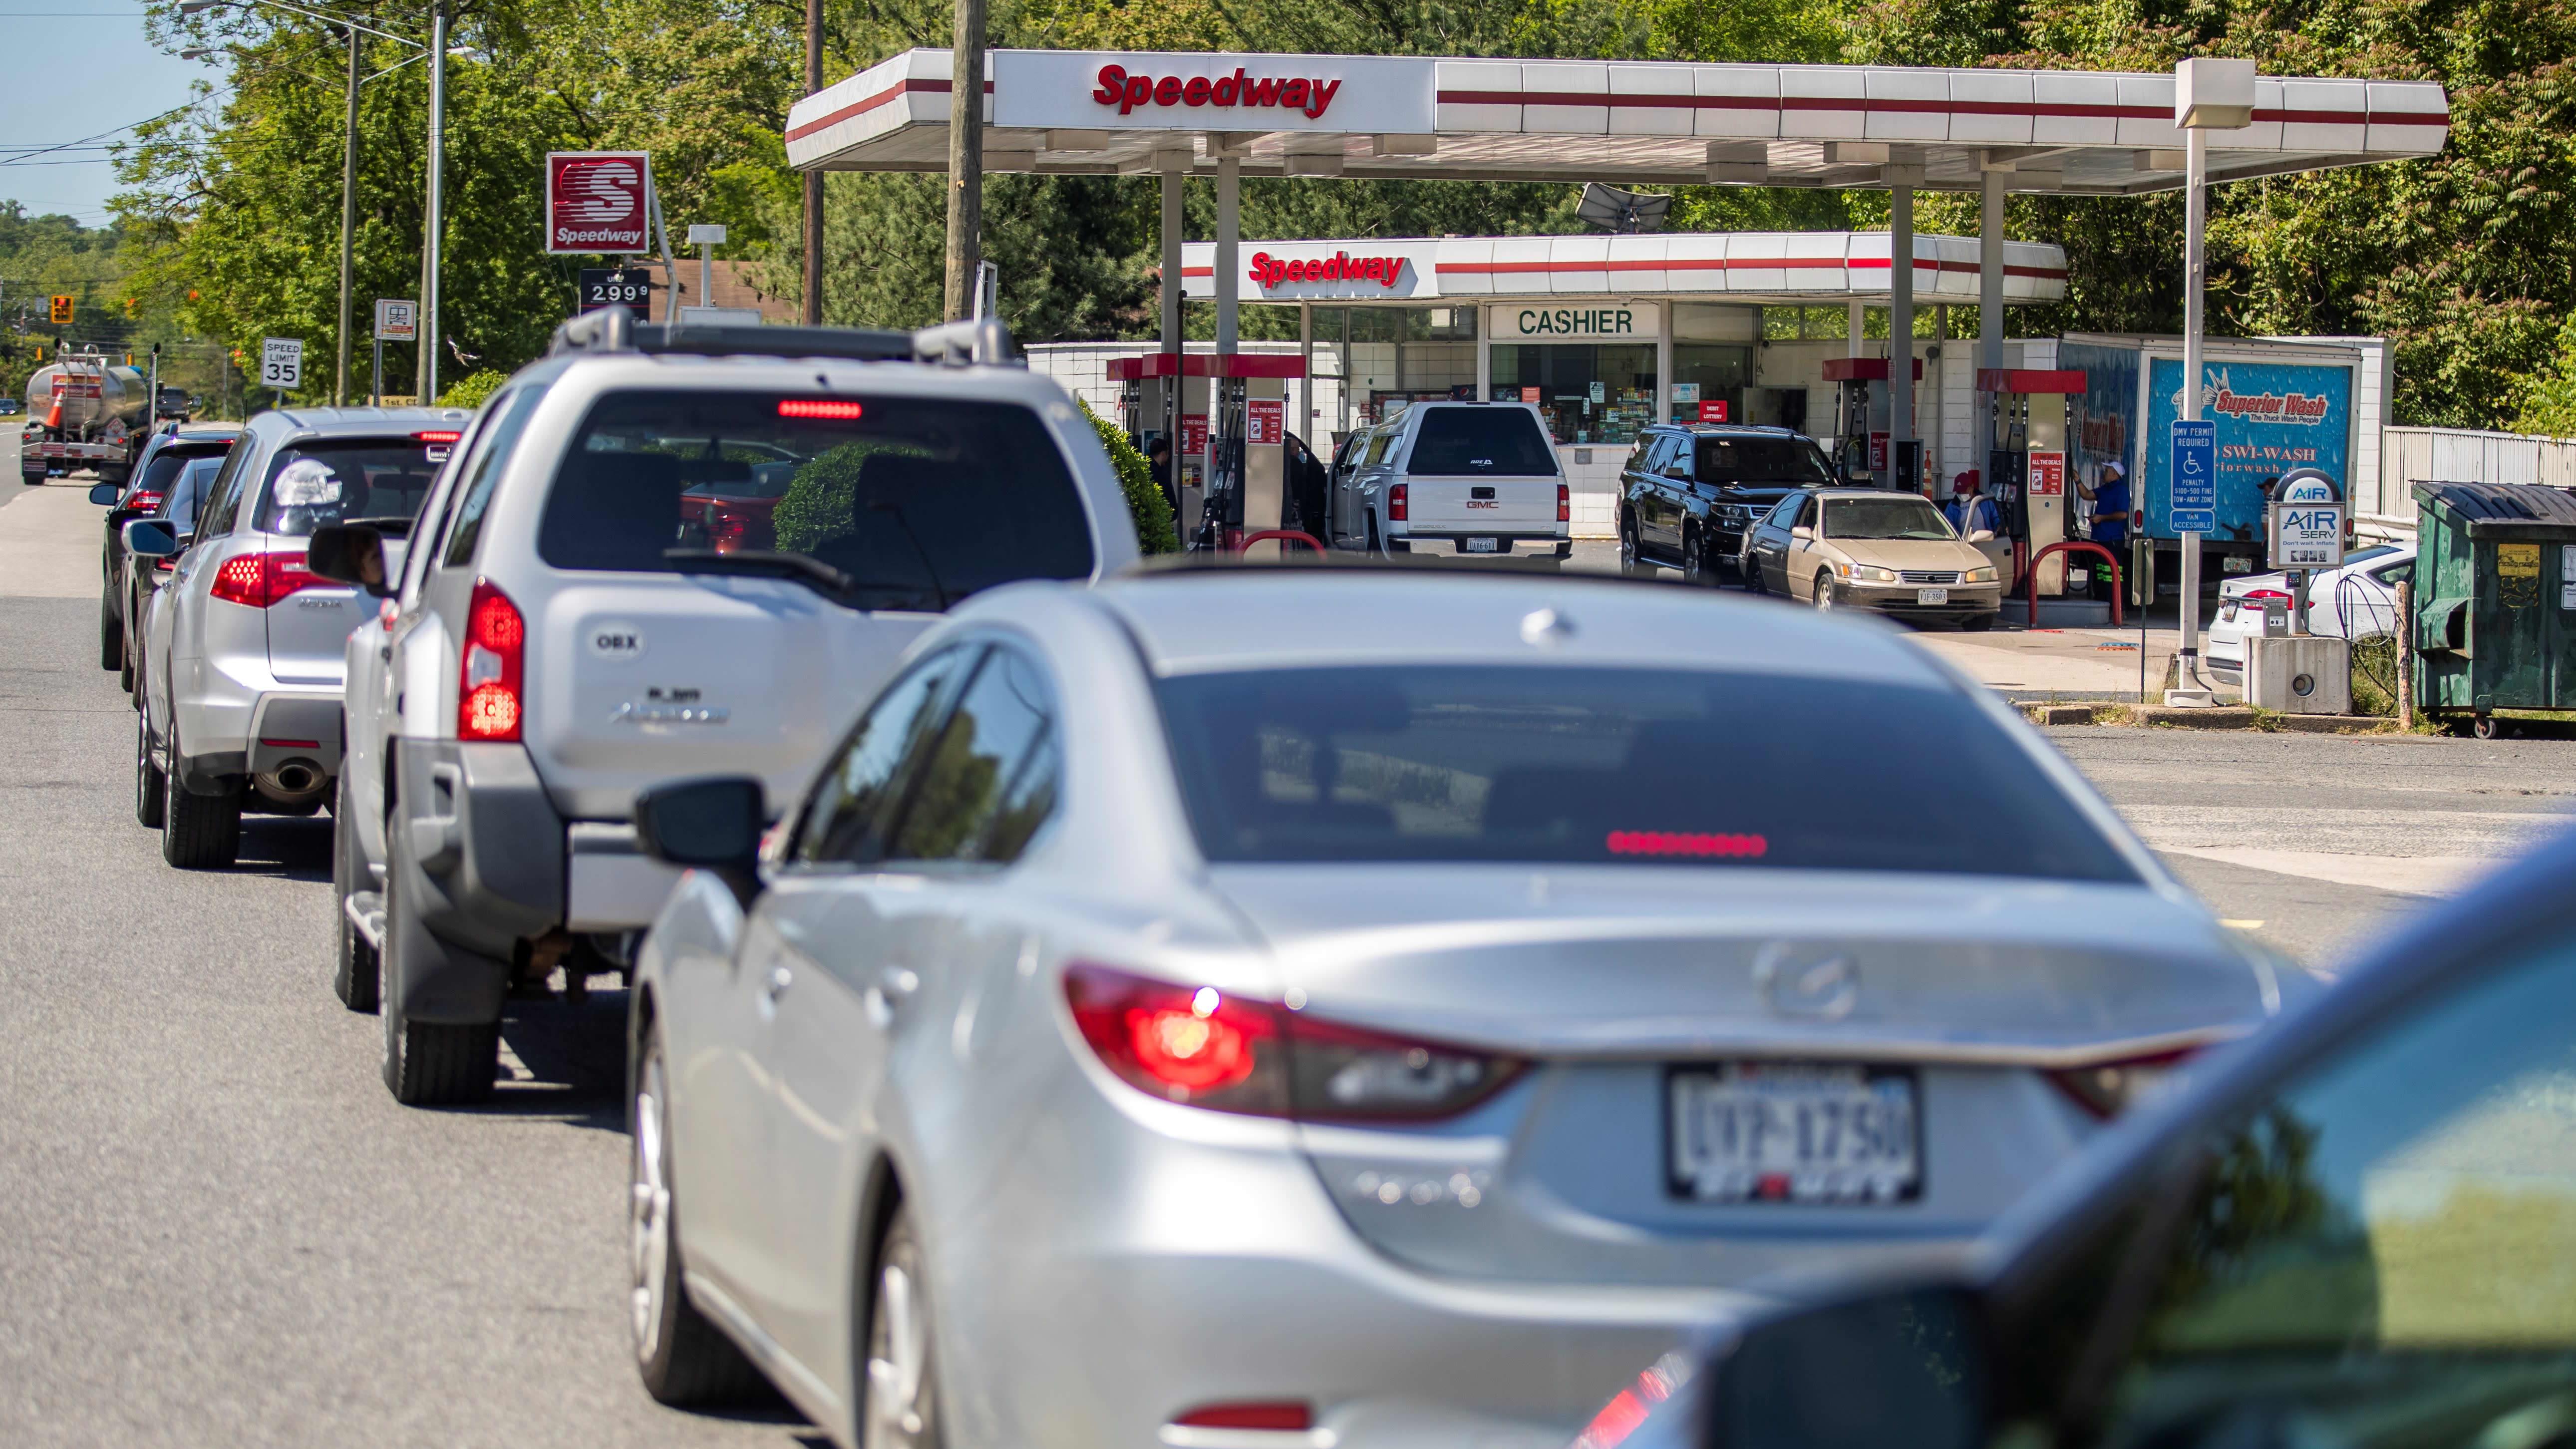 Pitkä autojono odottaa pääsyä bensiiniasemalle.